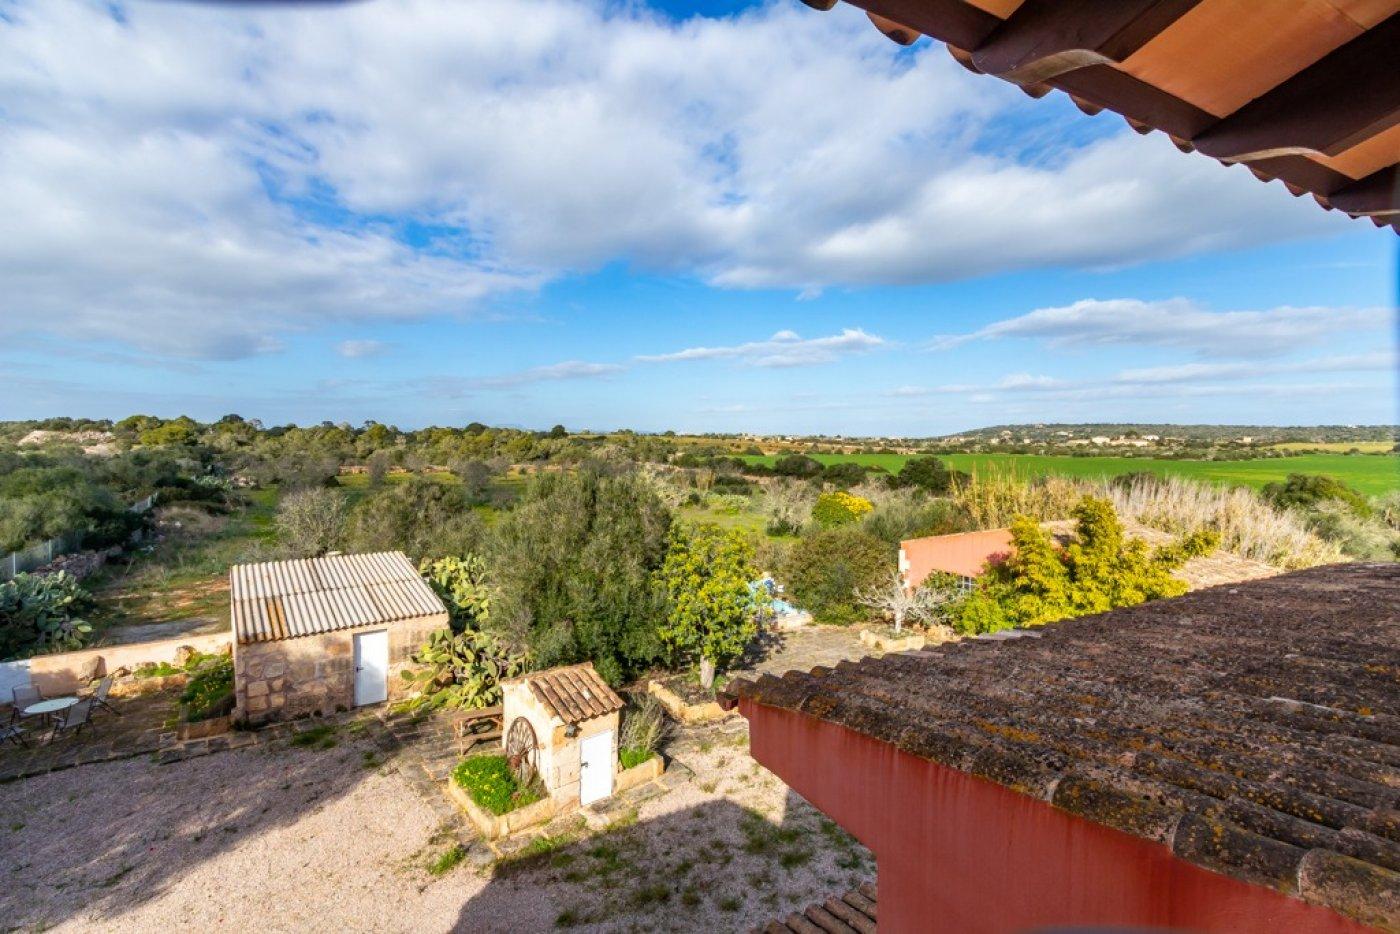 Magnifica villa en ses salines - can somni - ideal inversores turÍsticos - imagenInmueble29